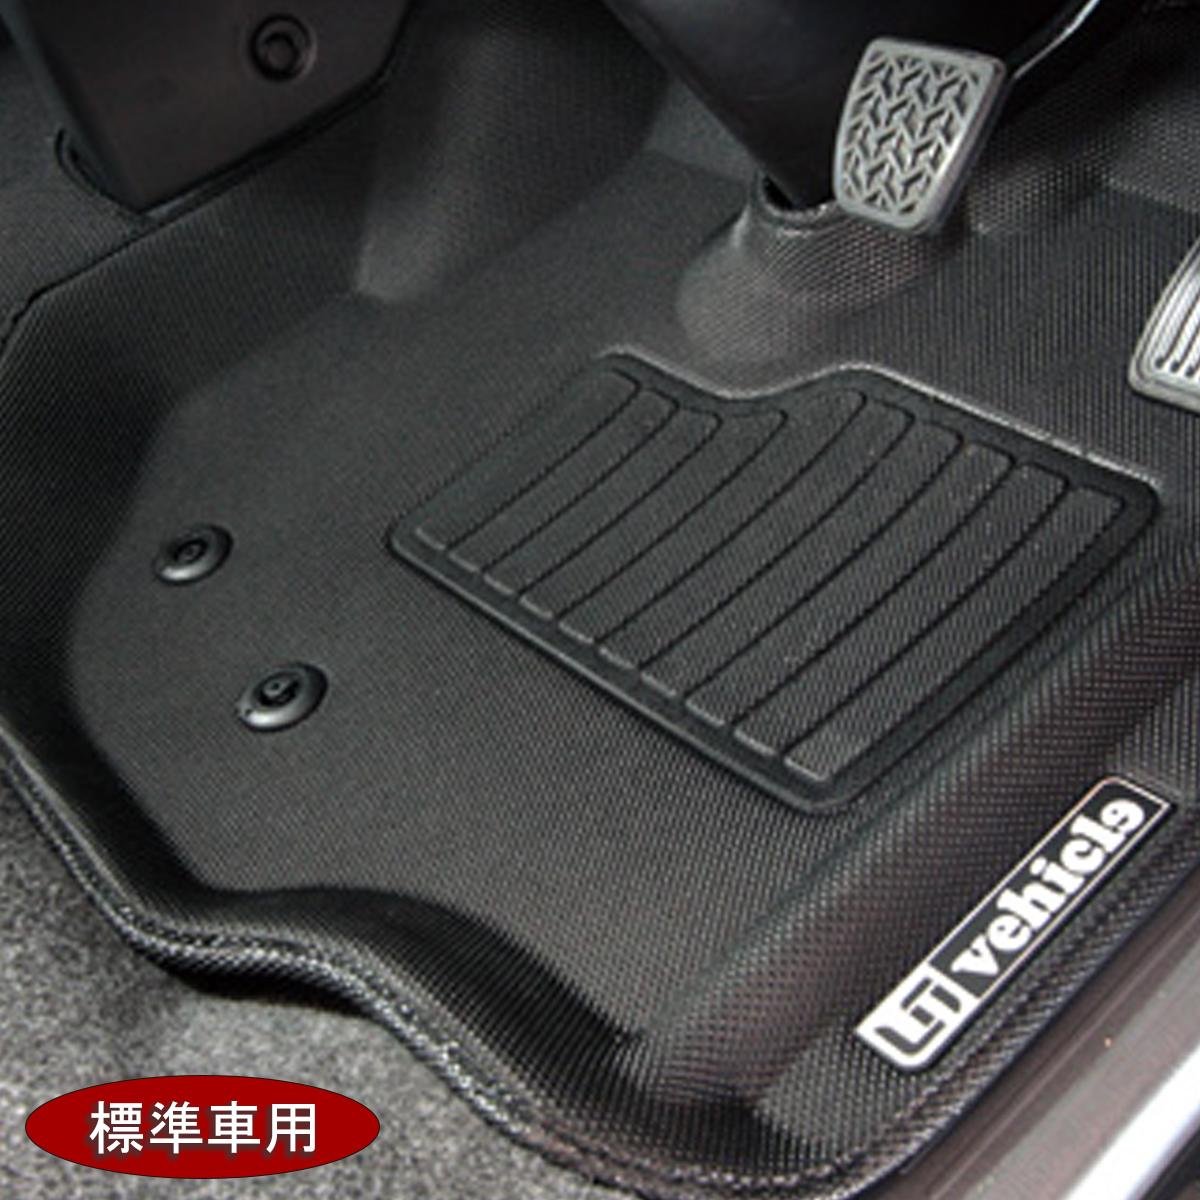 ユーアイビークル ハイエース 200系 標準 ナロー 3Dラバーマット フロント3ピース UI-vehicle ユーアイ